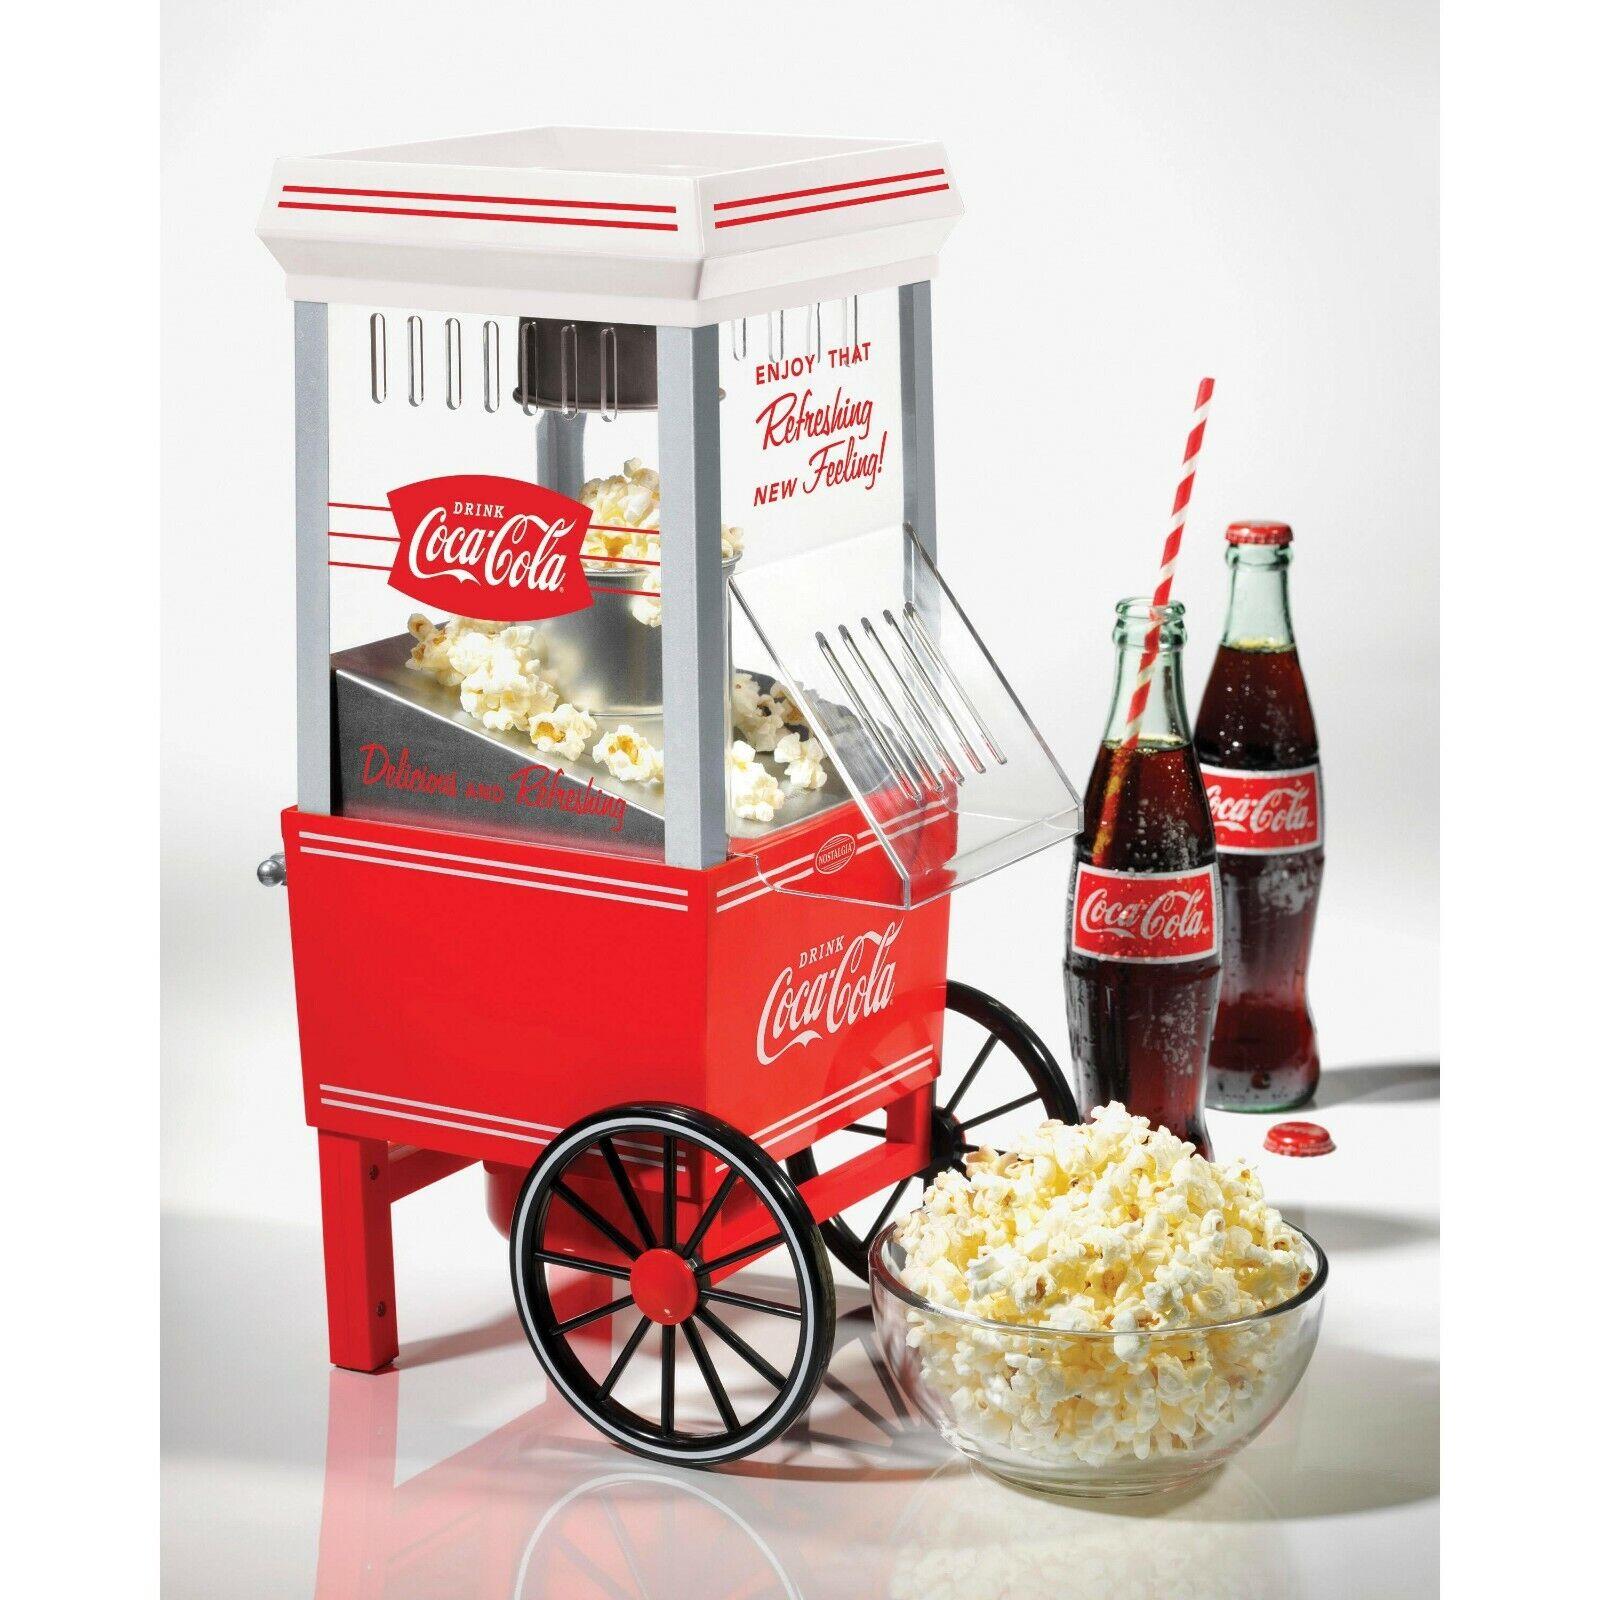 Coke Hot Air Popcorn Maker Nostalgia Coca-Cola Series Counte